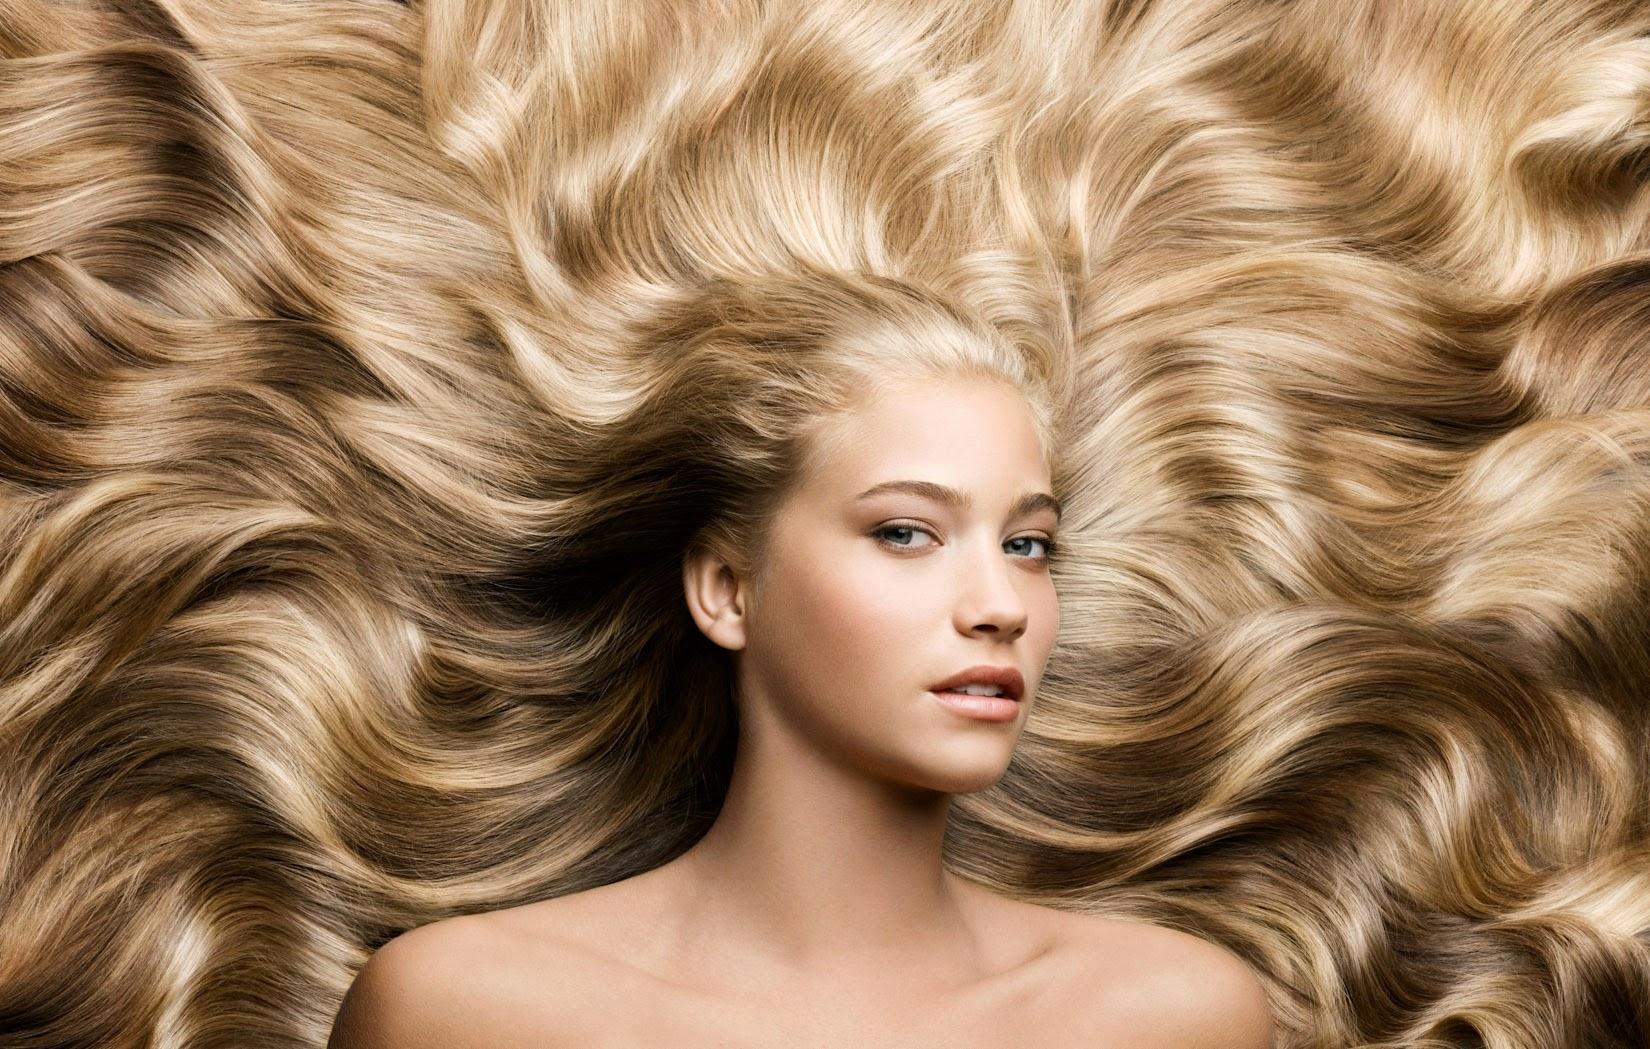 sea_of_golden_hair_girl_care_ ...